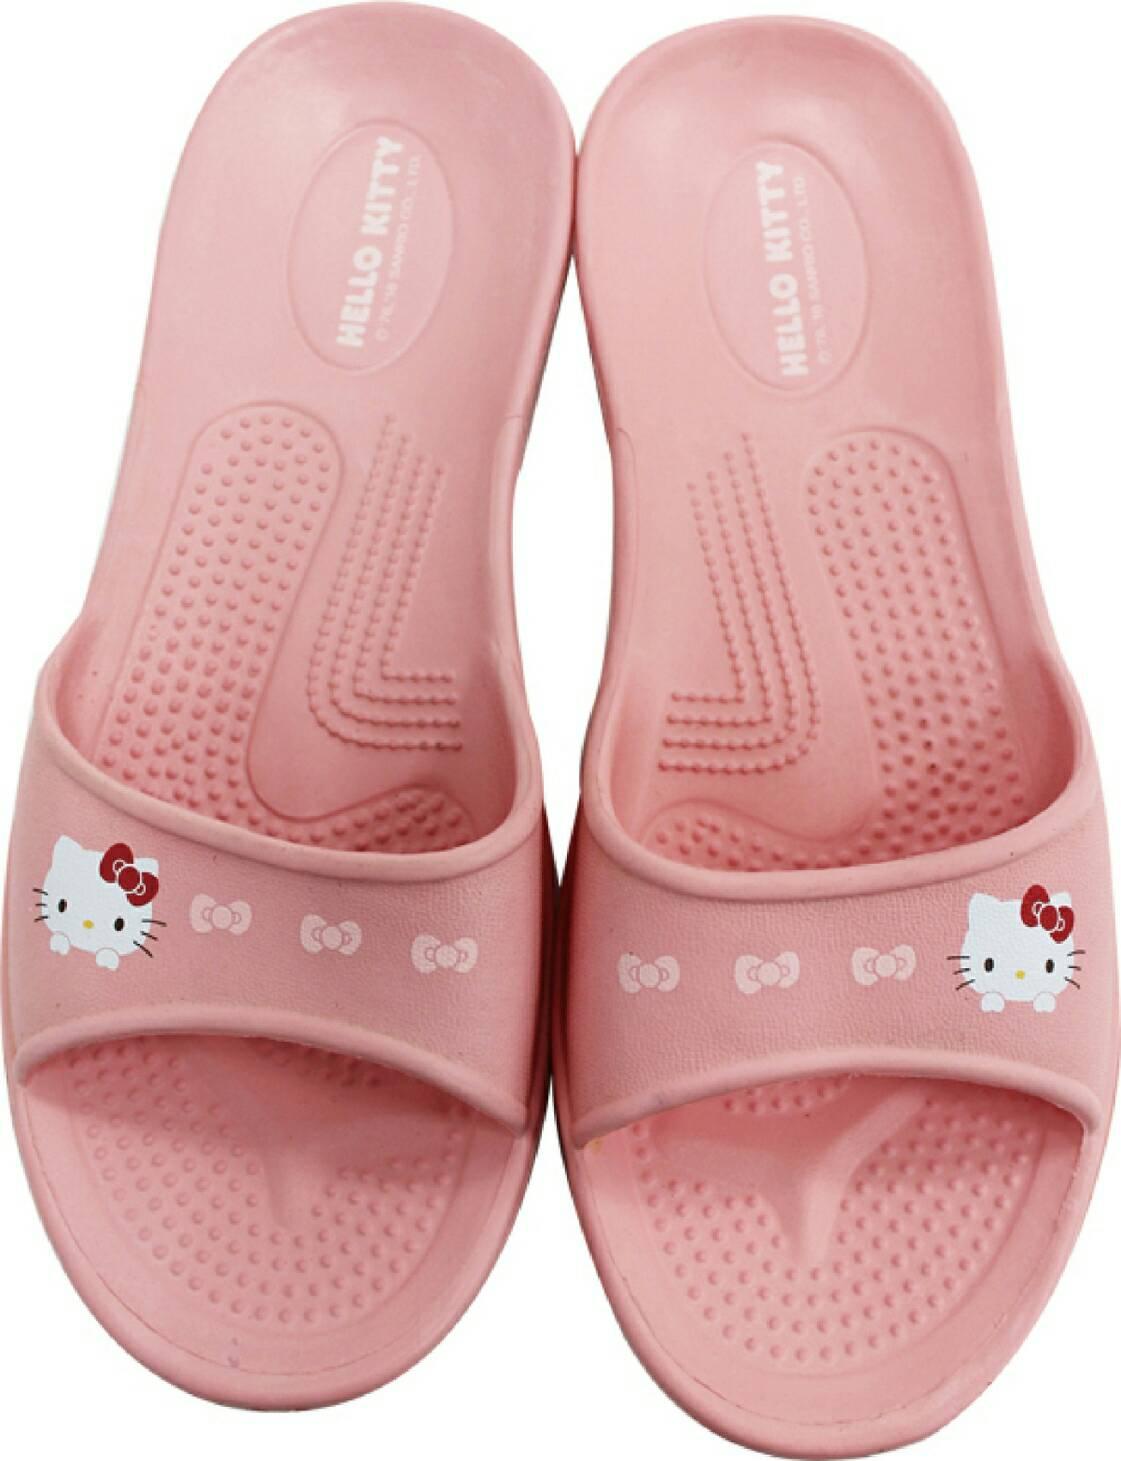 佳冠居家~粉色HELLO KITTY拖鞋尺寸36.38.40 台灣製造超輕防水防滑拖鞋室內外拖鞋 浴室拖鞋